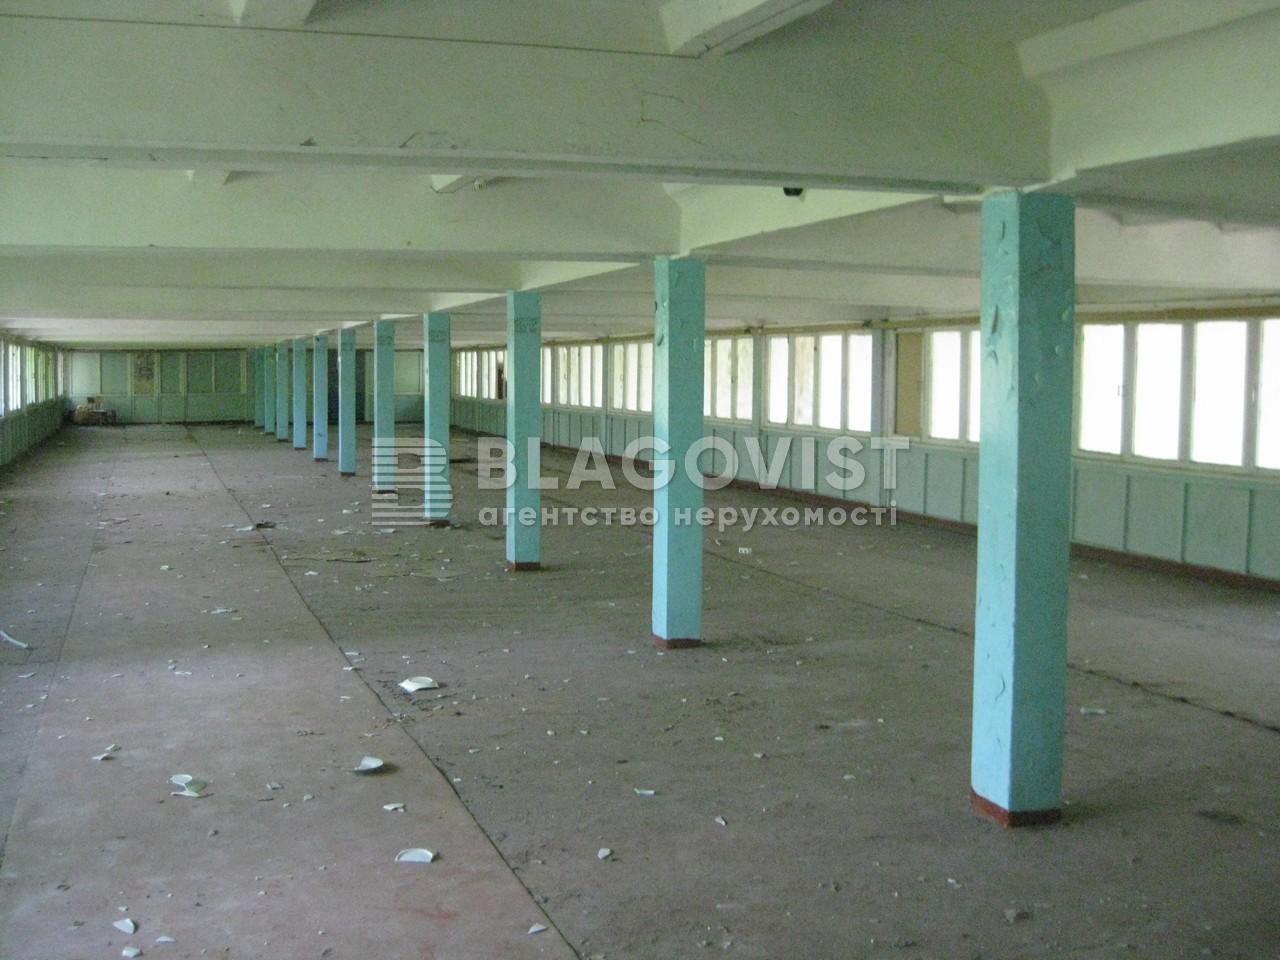 Гостиница, C-104848, Труханов остров, Киев - Фото 3